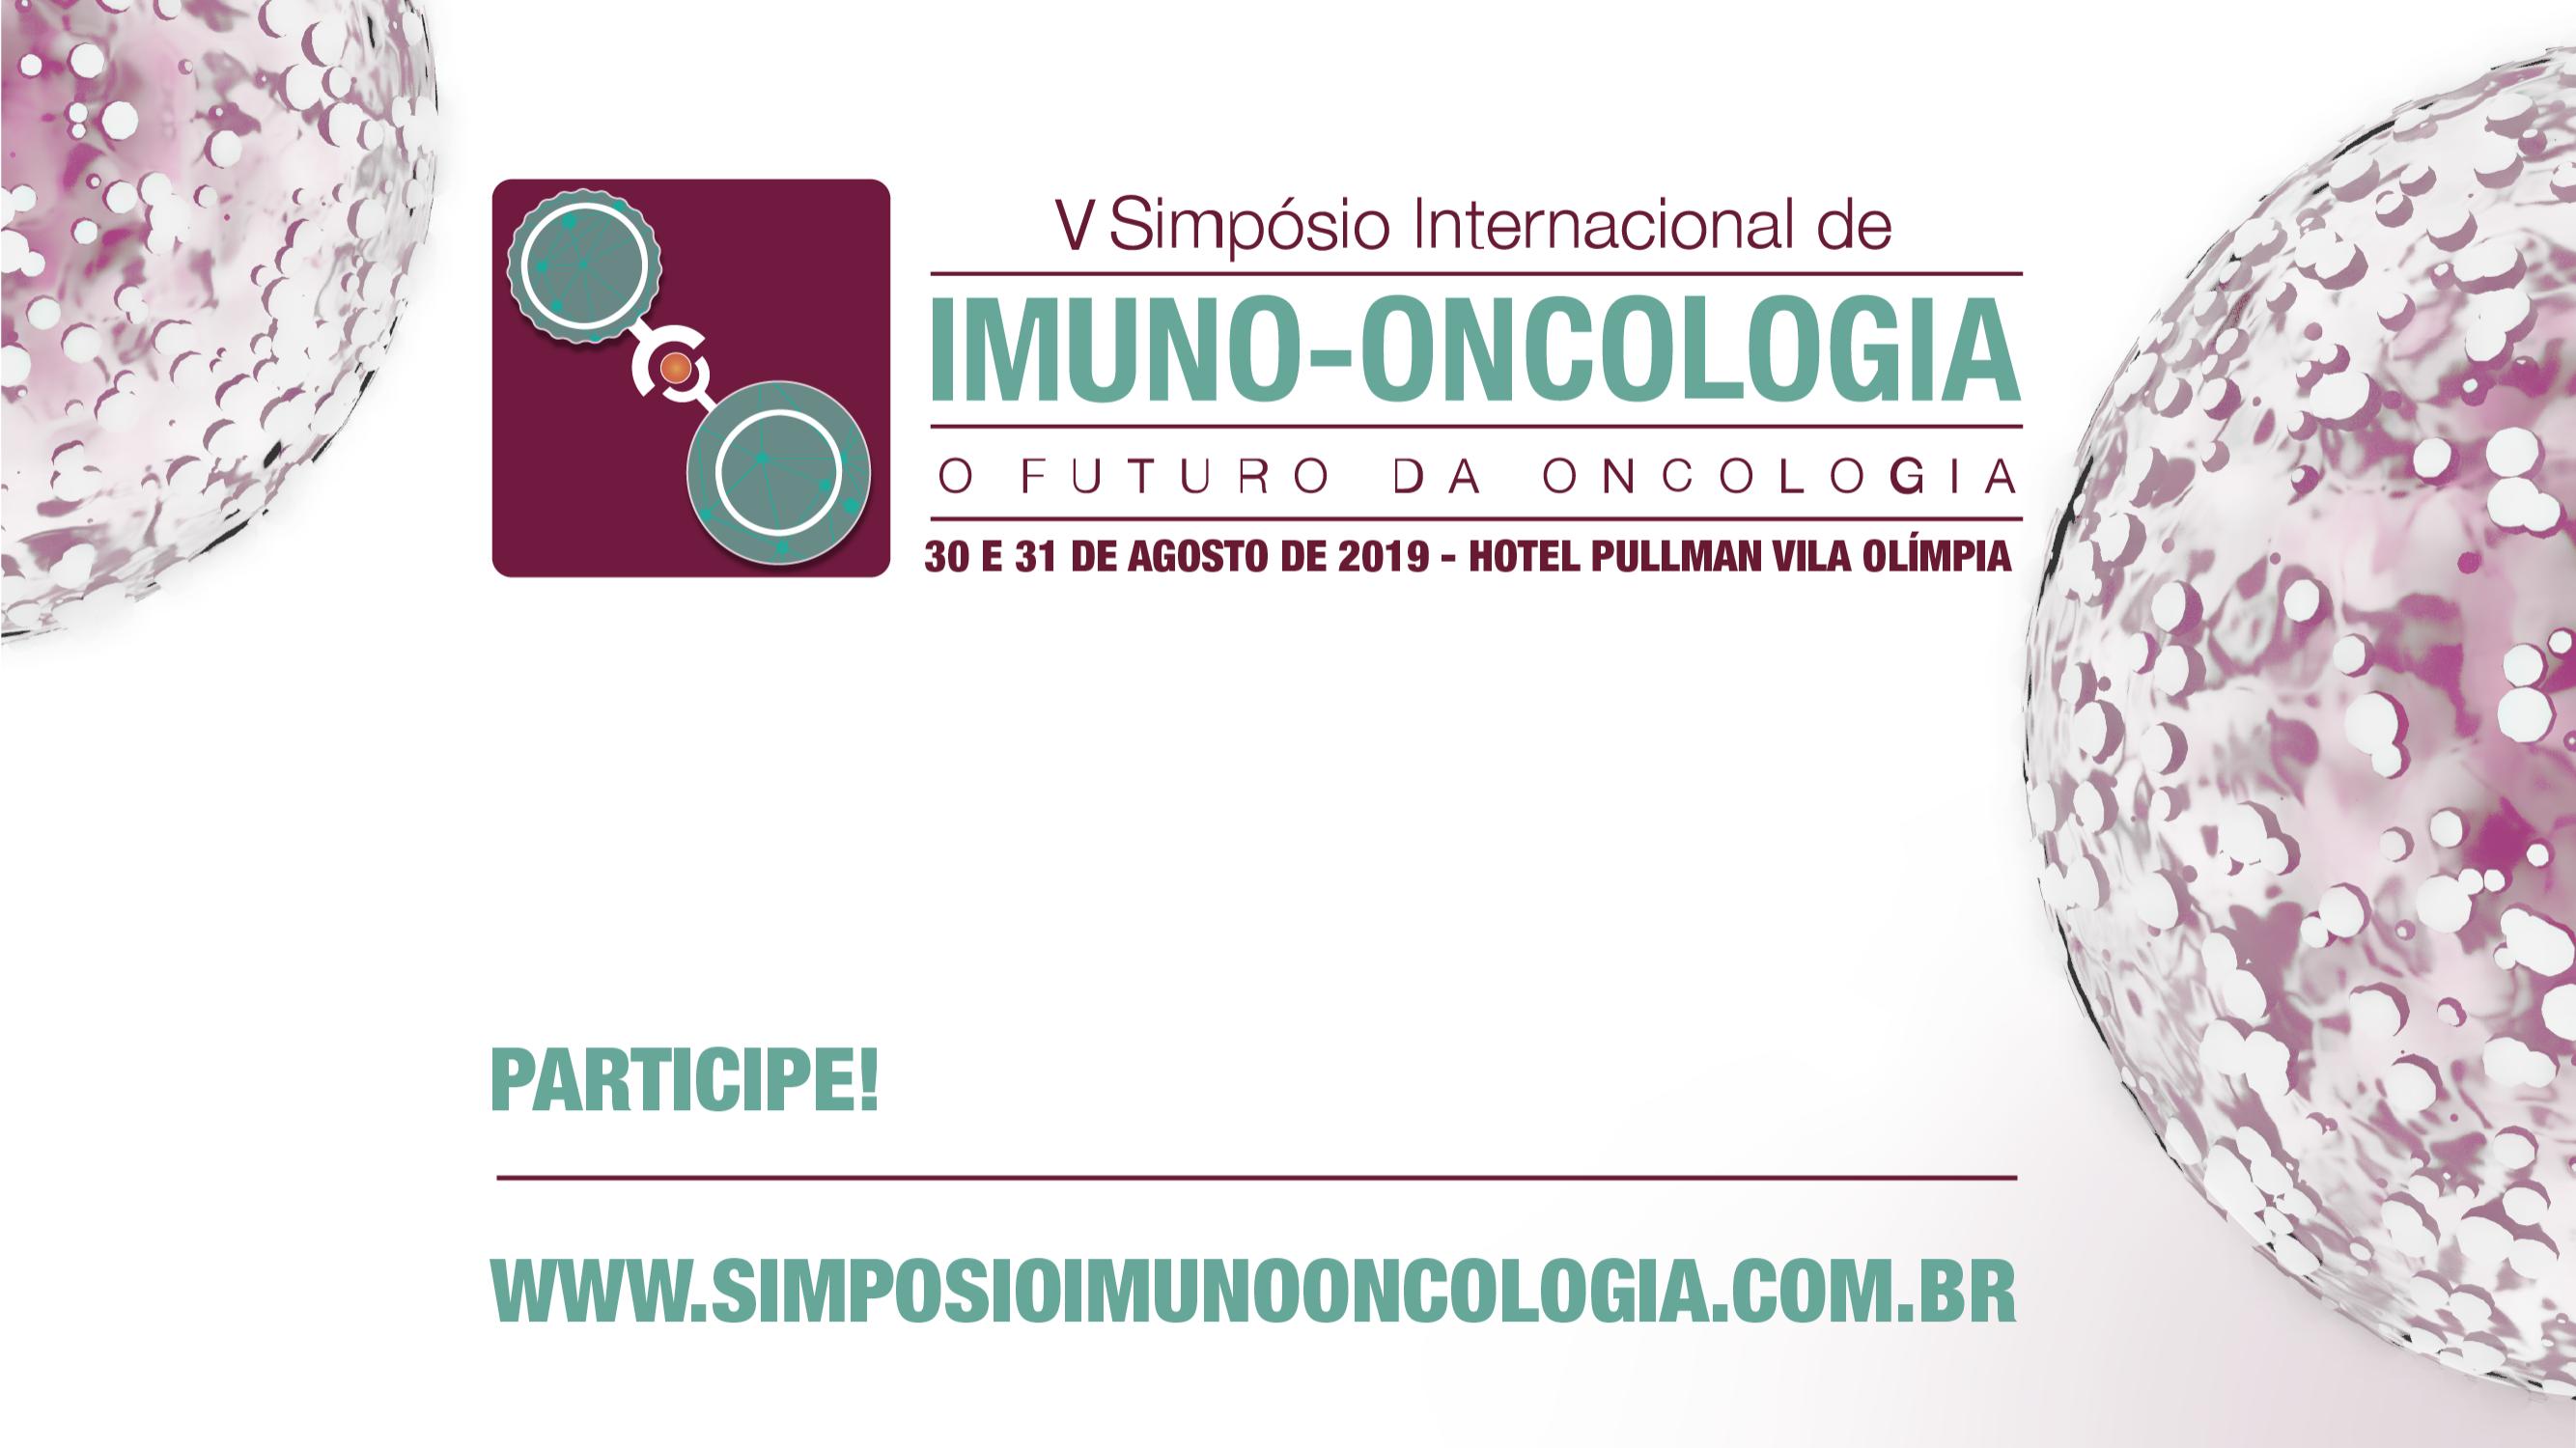 V Simpósio Internacional de Imuno-Oncologia